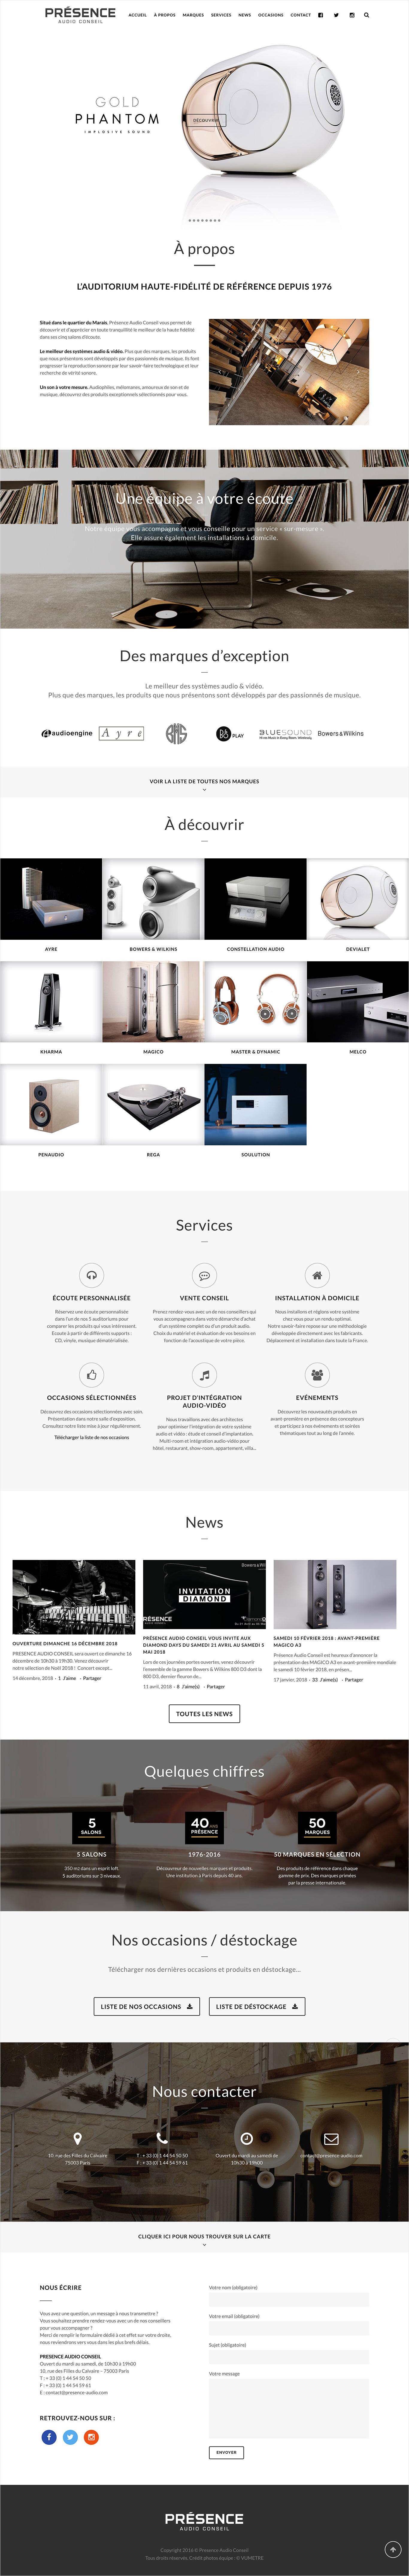 PresenceAudio-Web-Img2